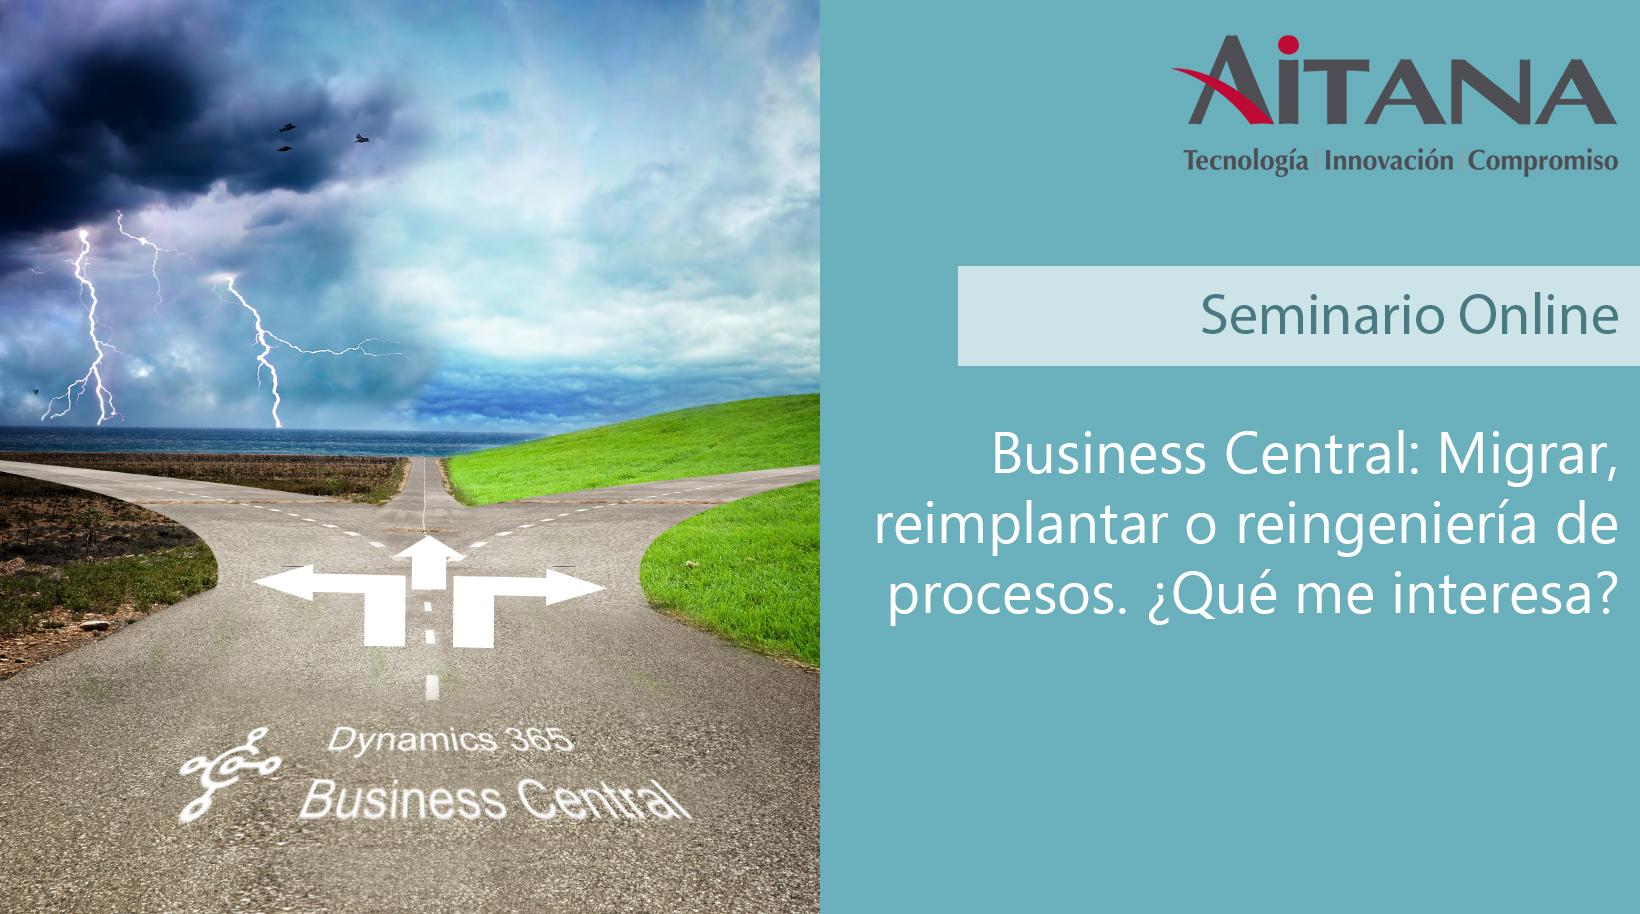 Business Central: Migrar, reimplantar o reingeniería de procesos. ¿Qué me interesa?